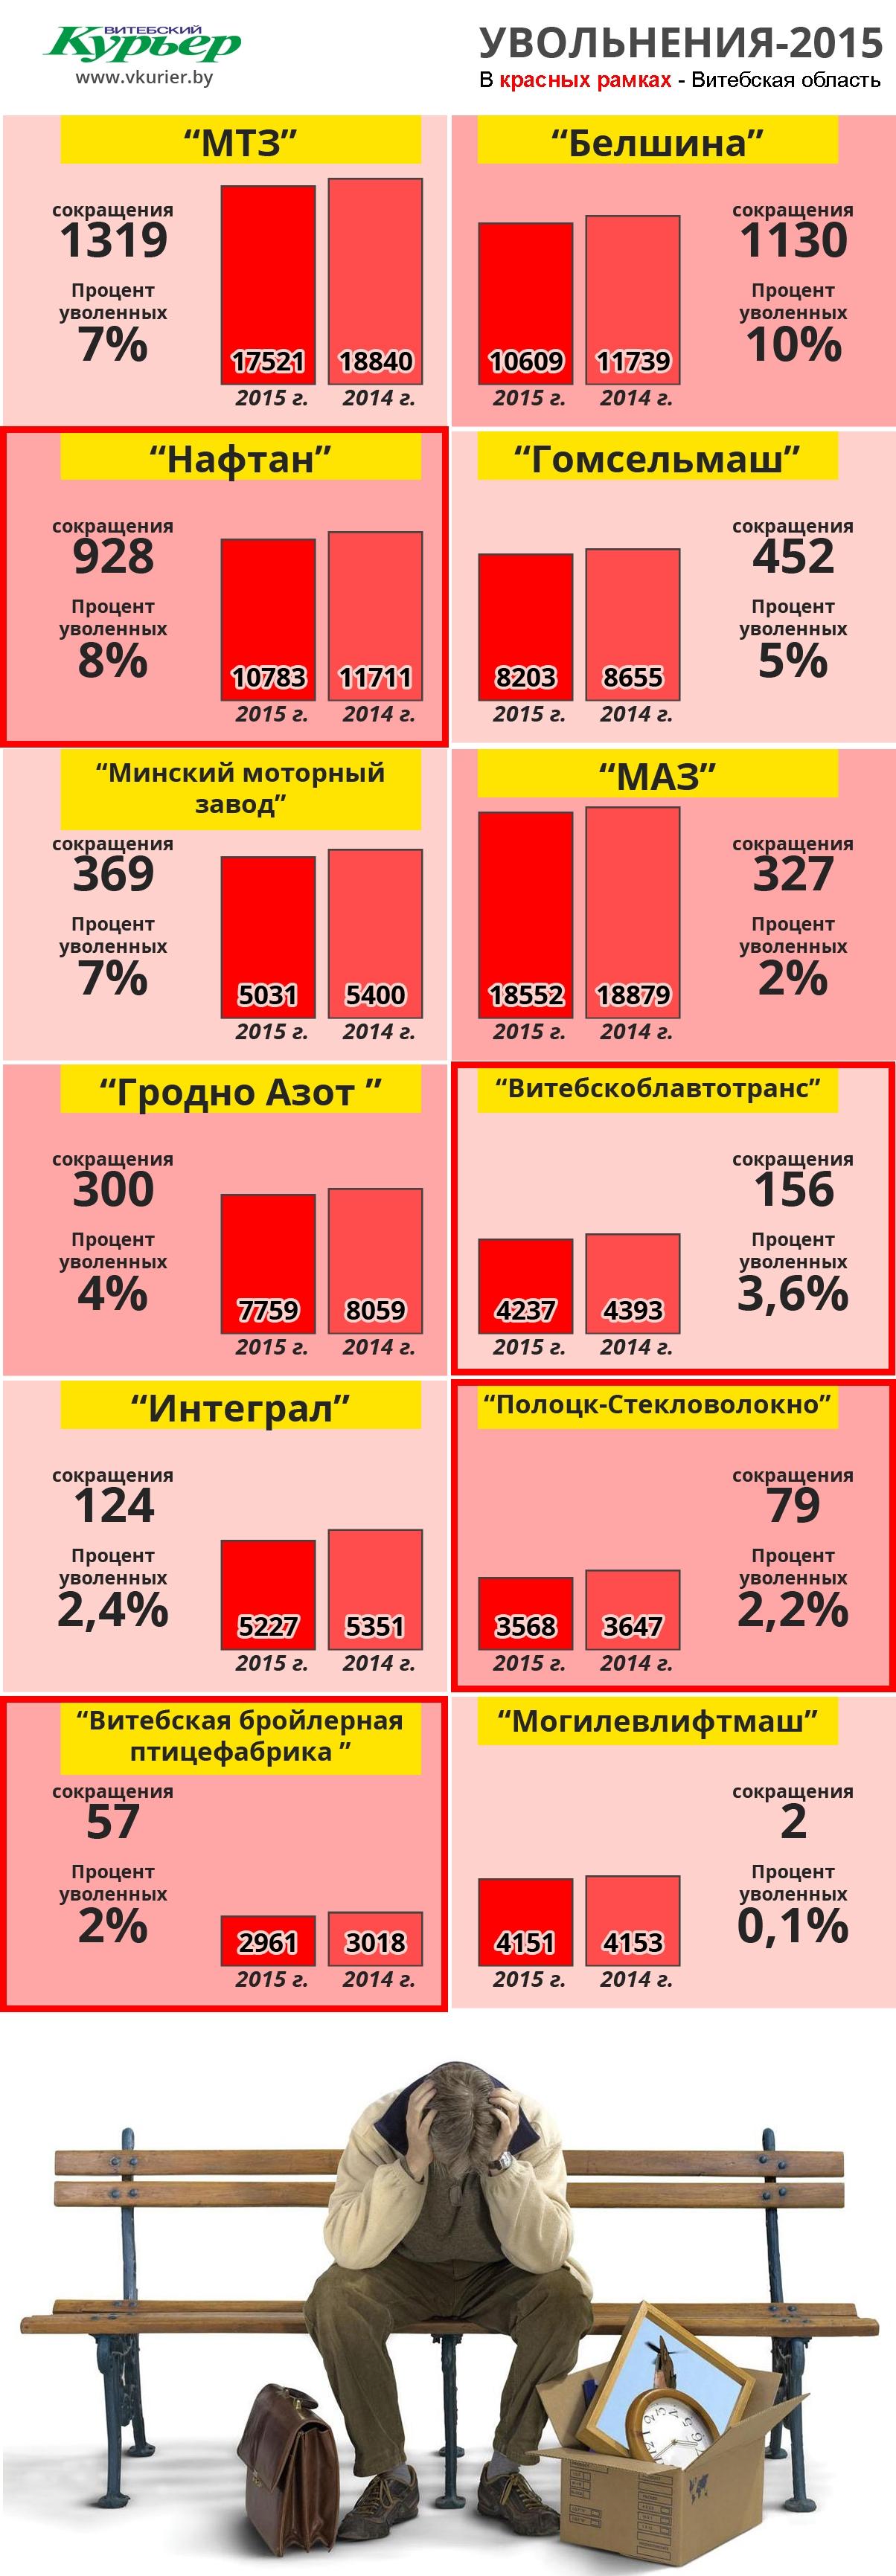 Сколько уволено людей за 2015 год (156)